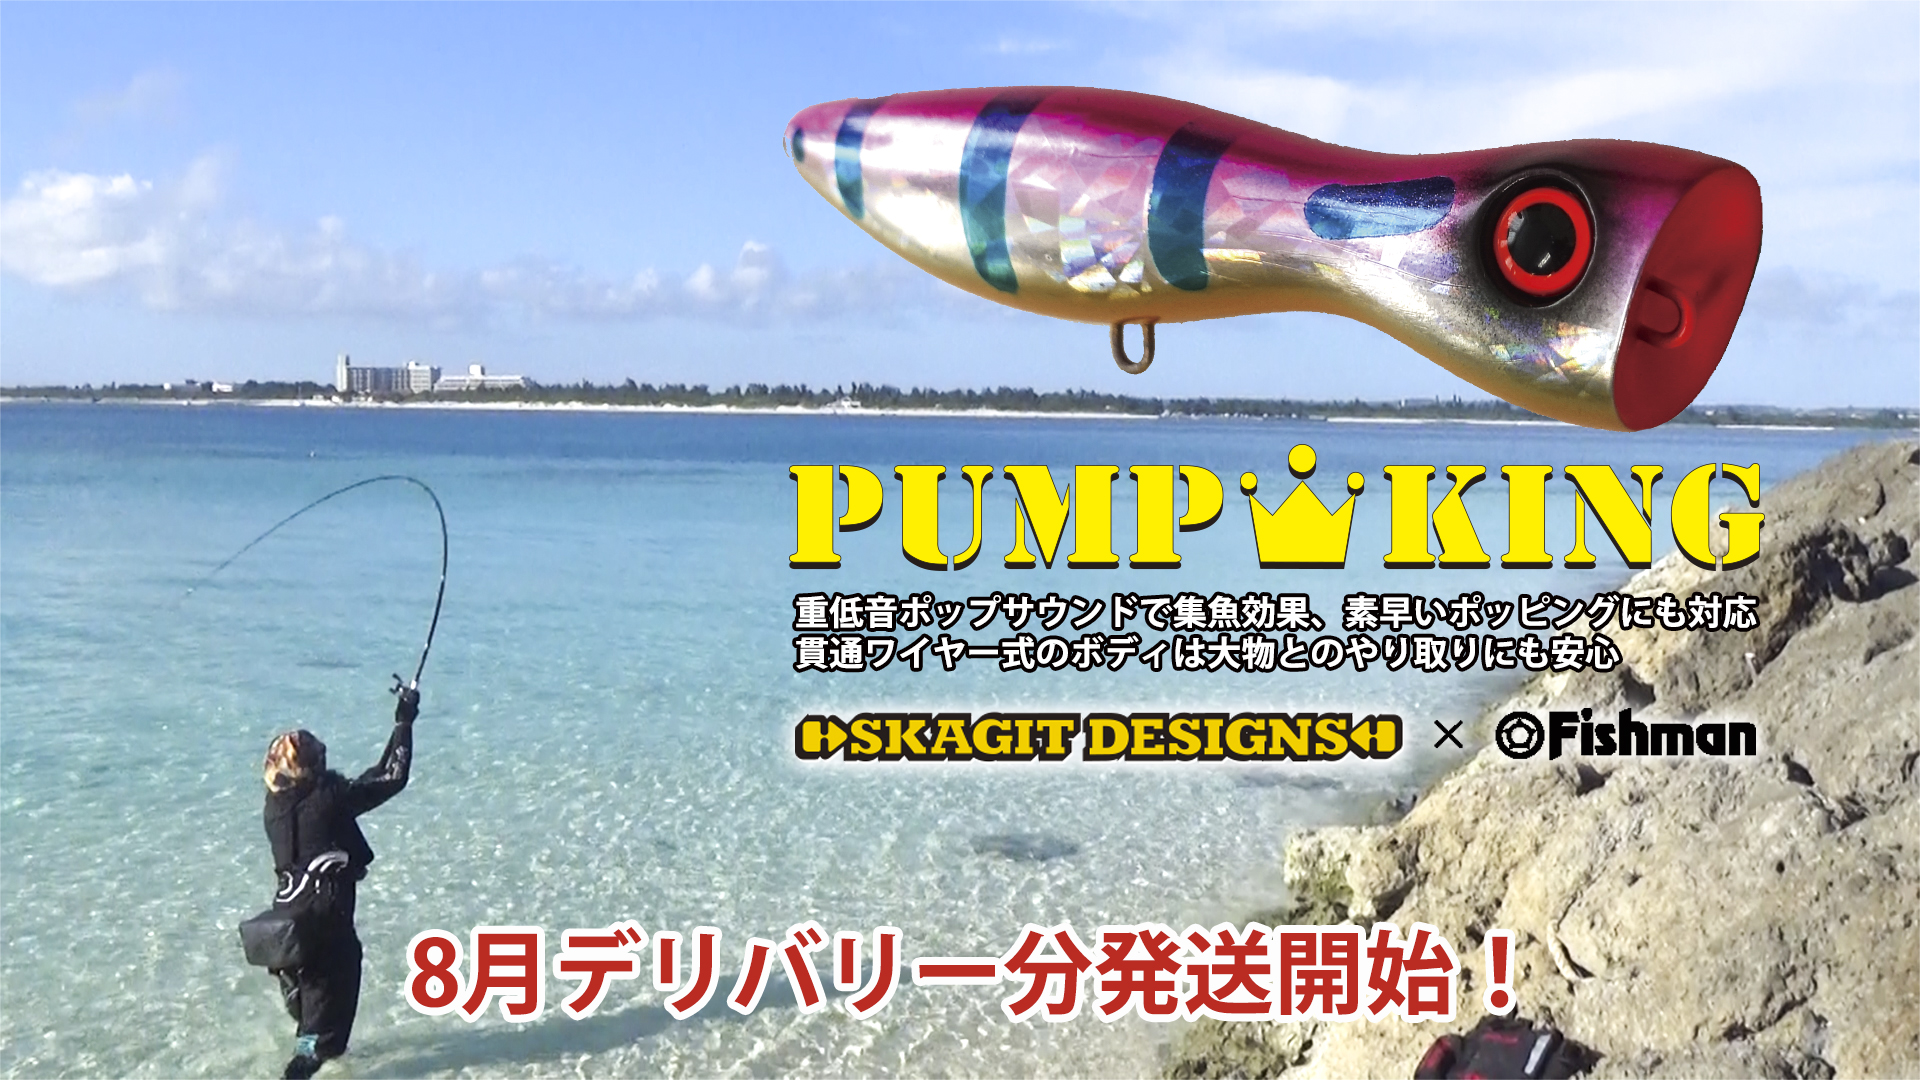 スカジットデザインズ「パンプキン(PUMP KING)」のFishmanオリジナルカラー8月デリバリー分発送開始!